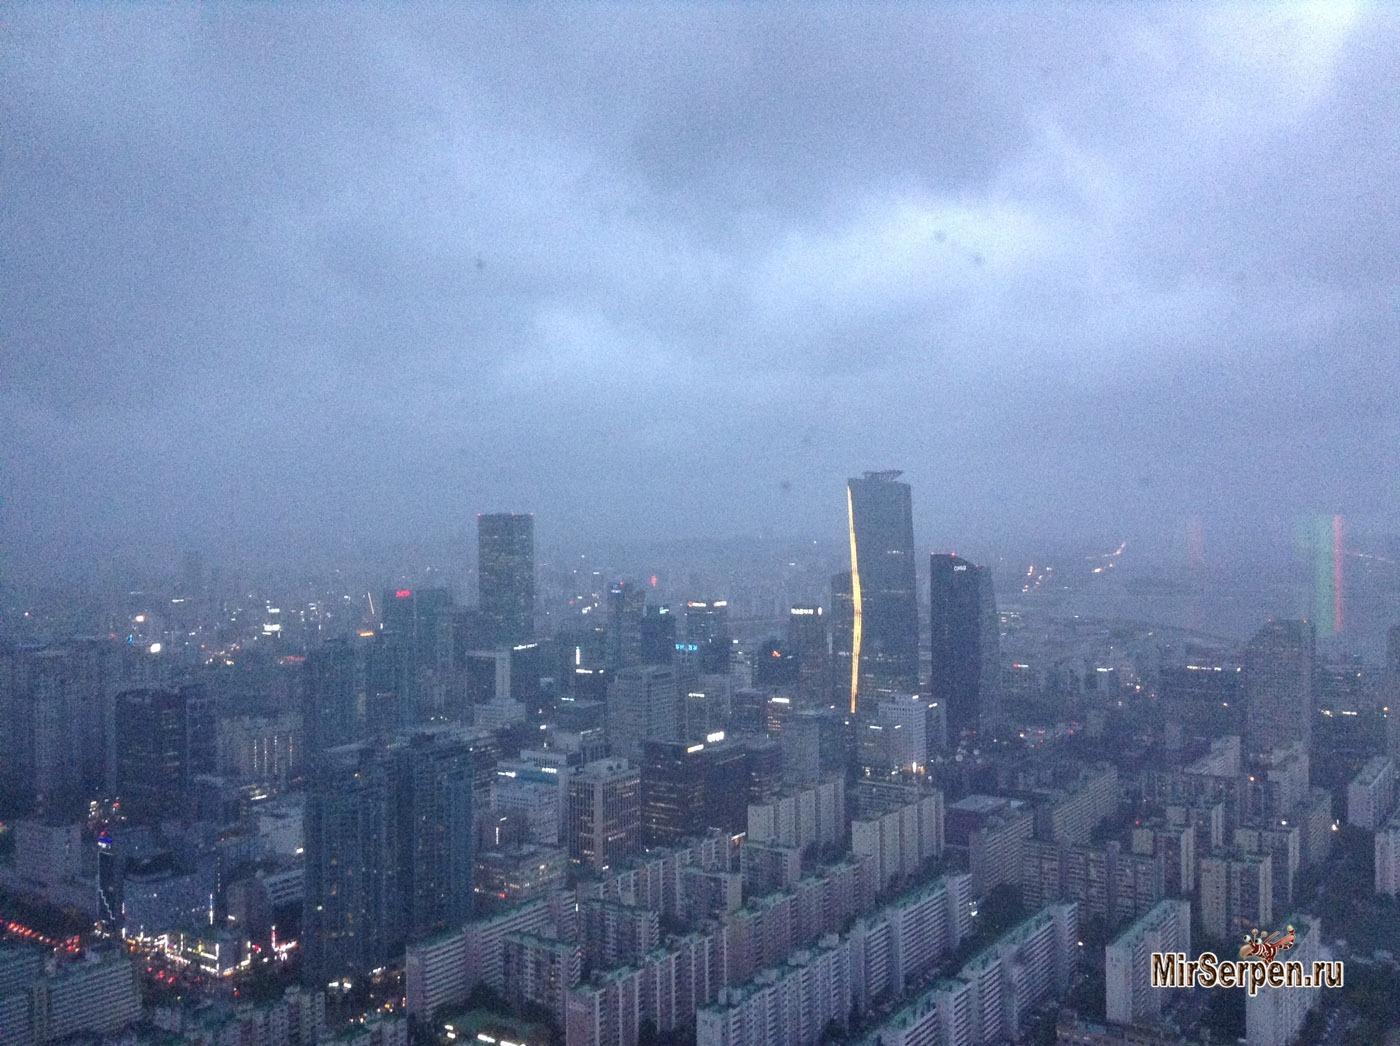 Достопримечательности Сеула и погода